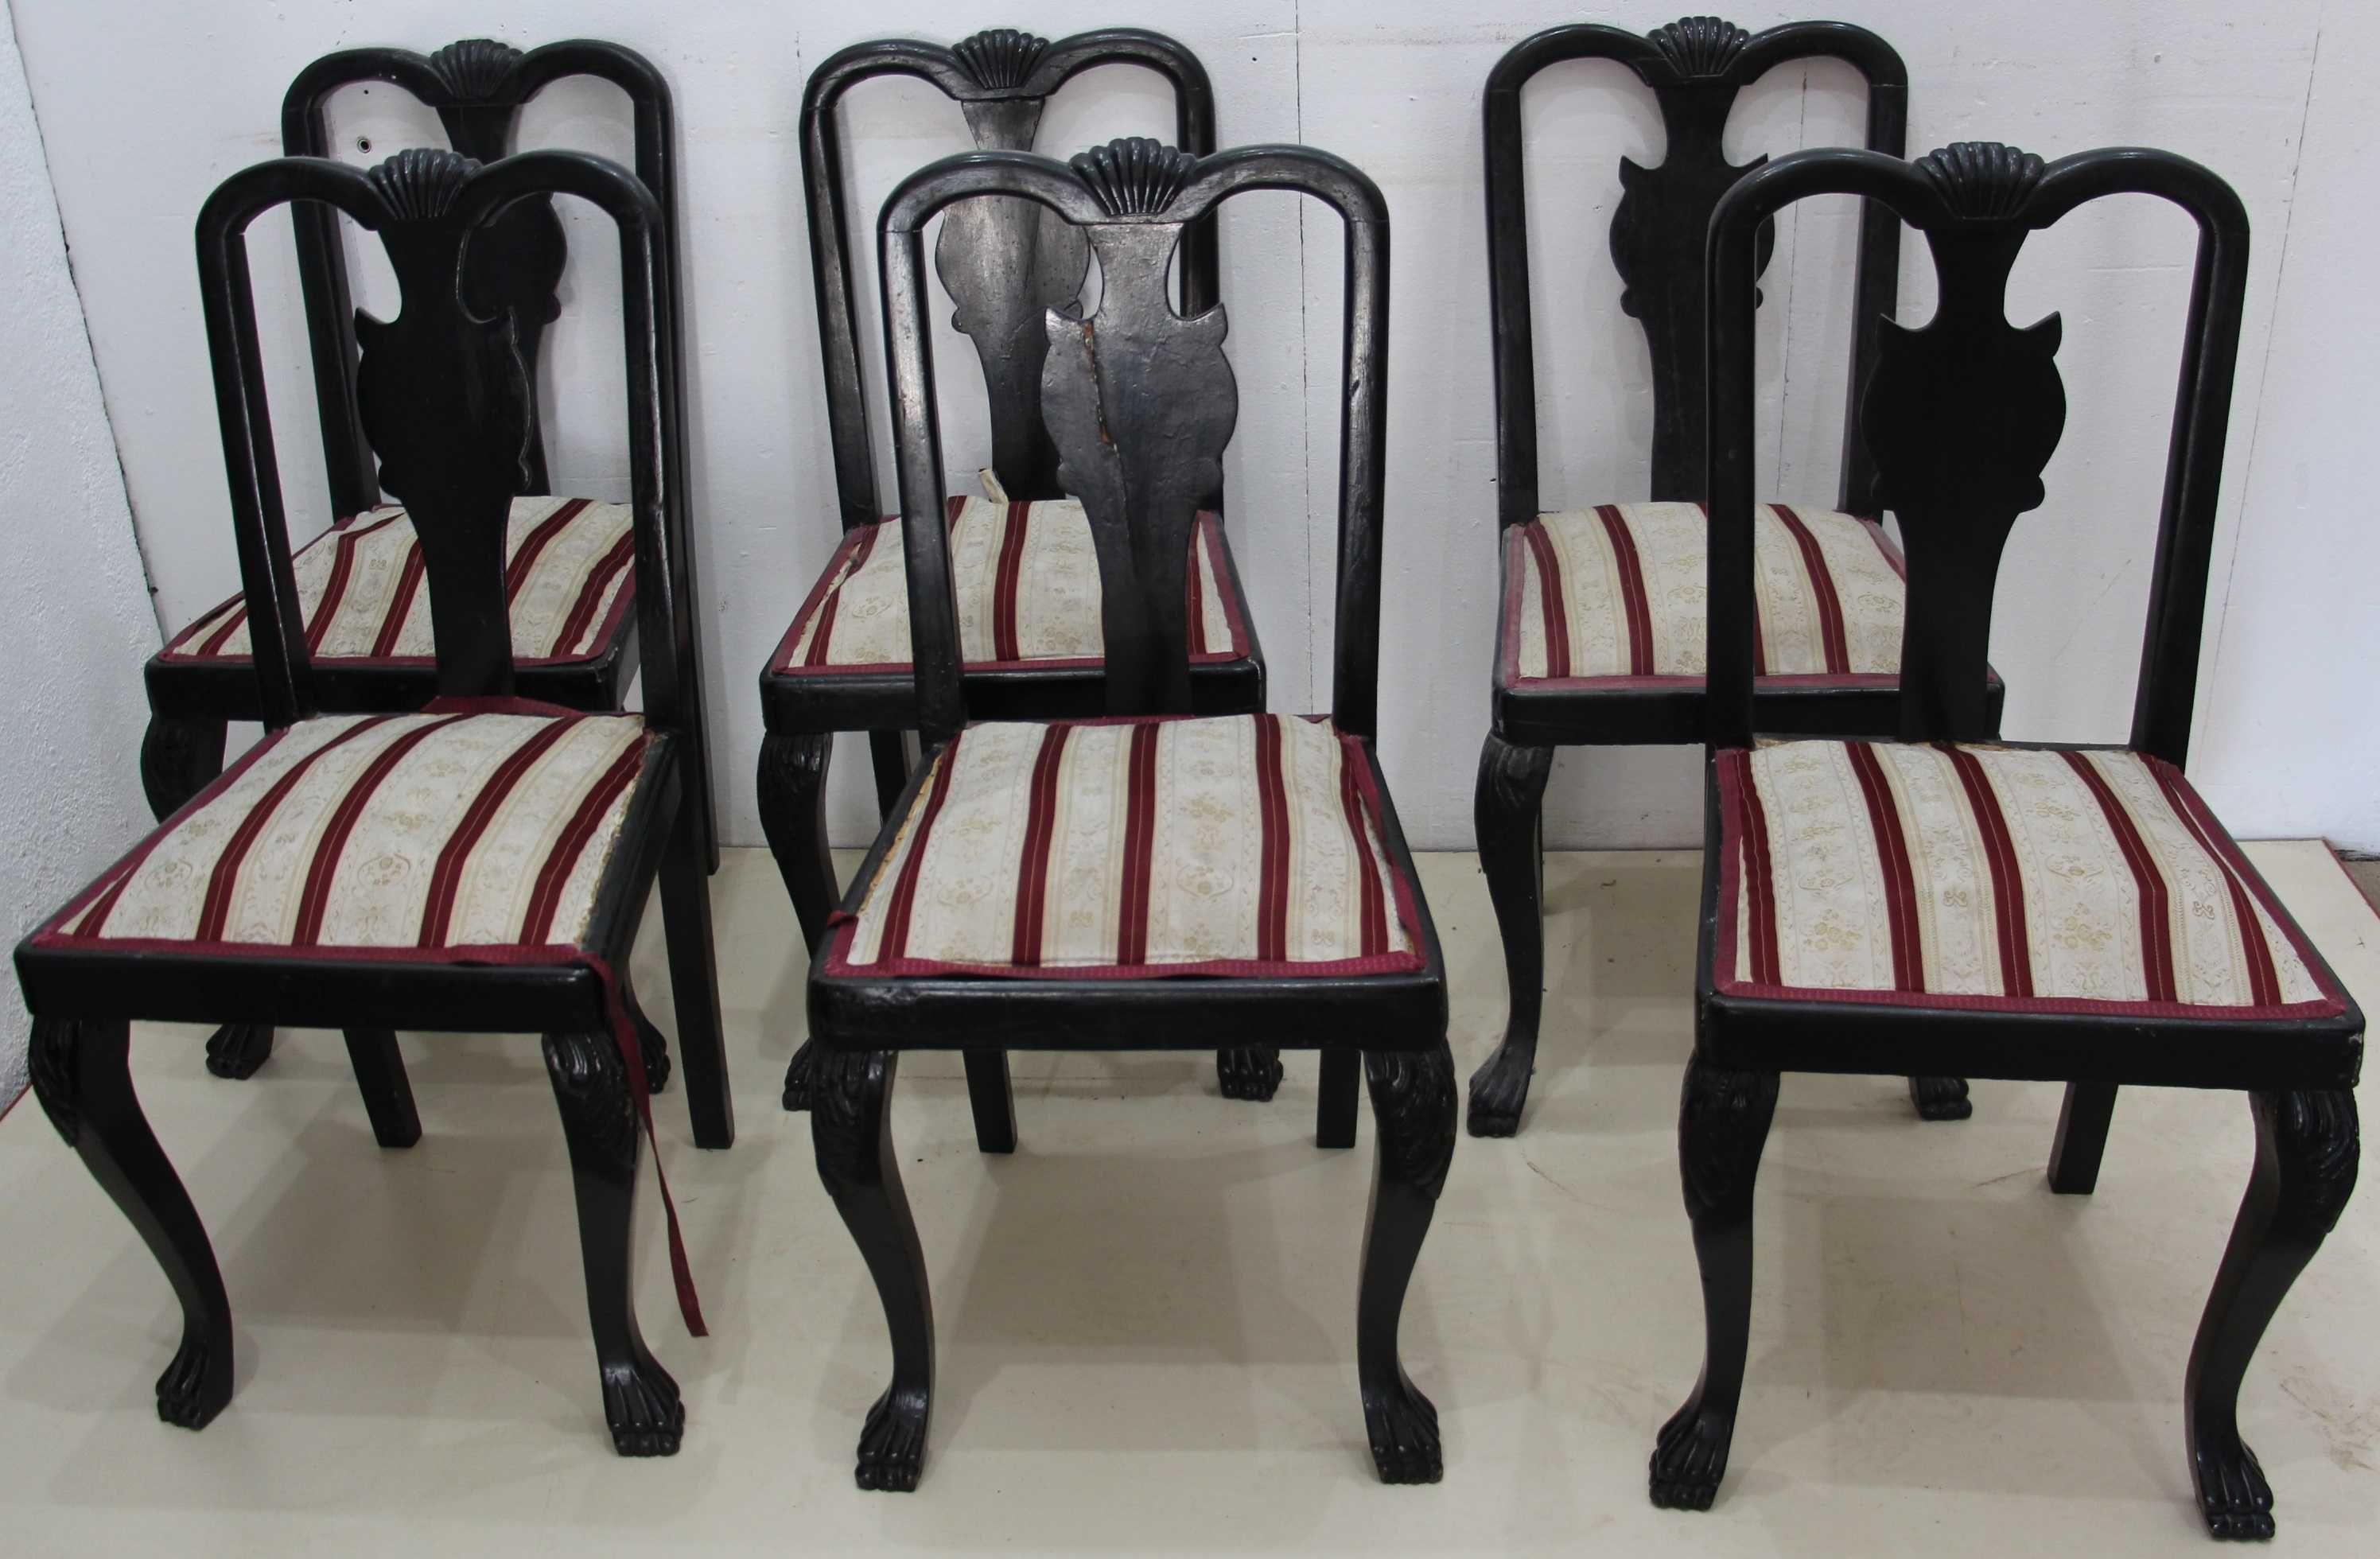 6 buc Scaun Lemn Masiv Stil Chippendale; Scaun vintage sculptat